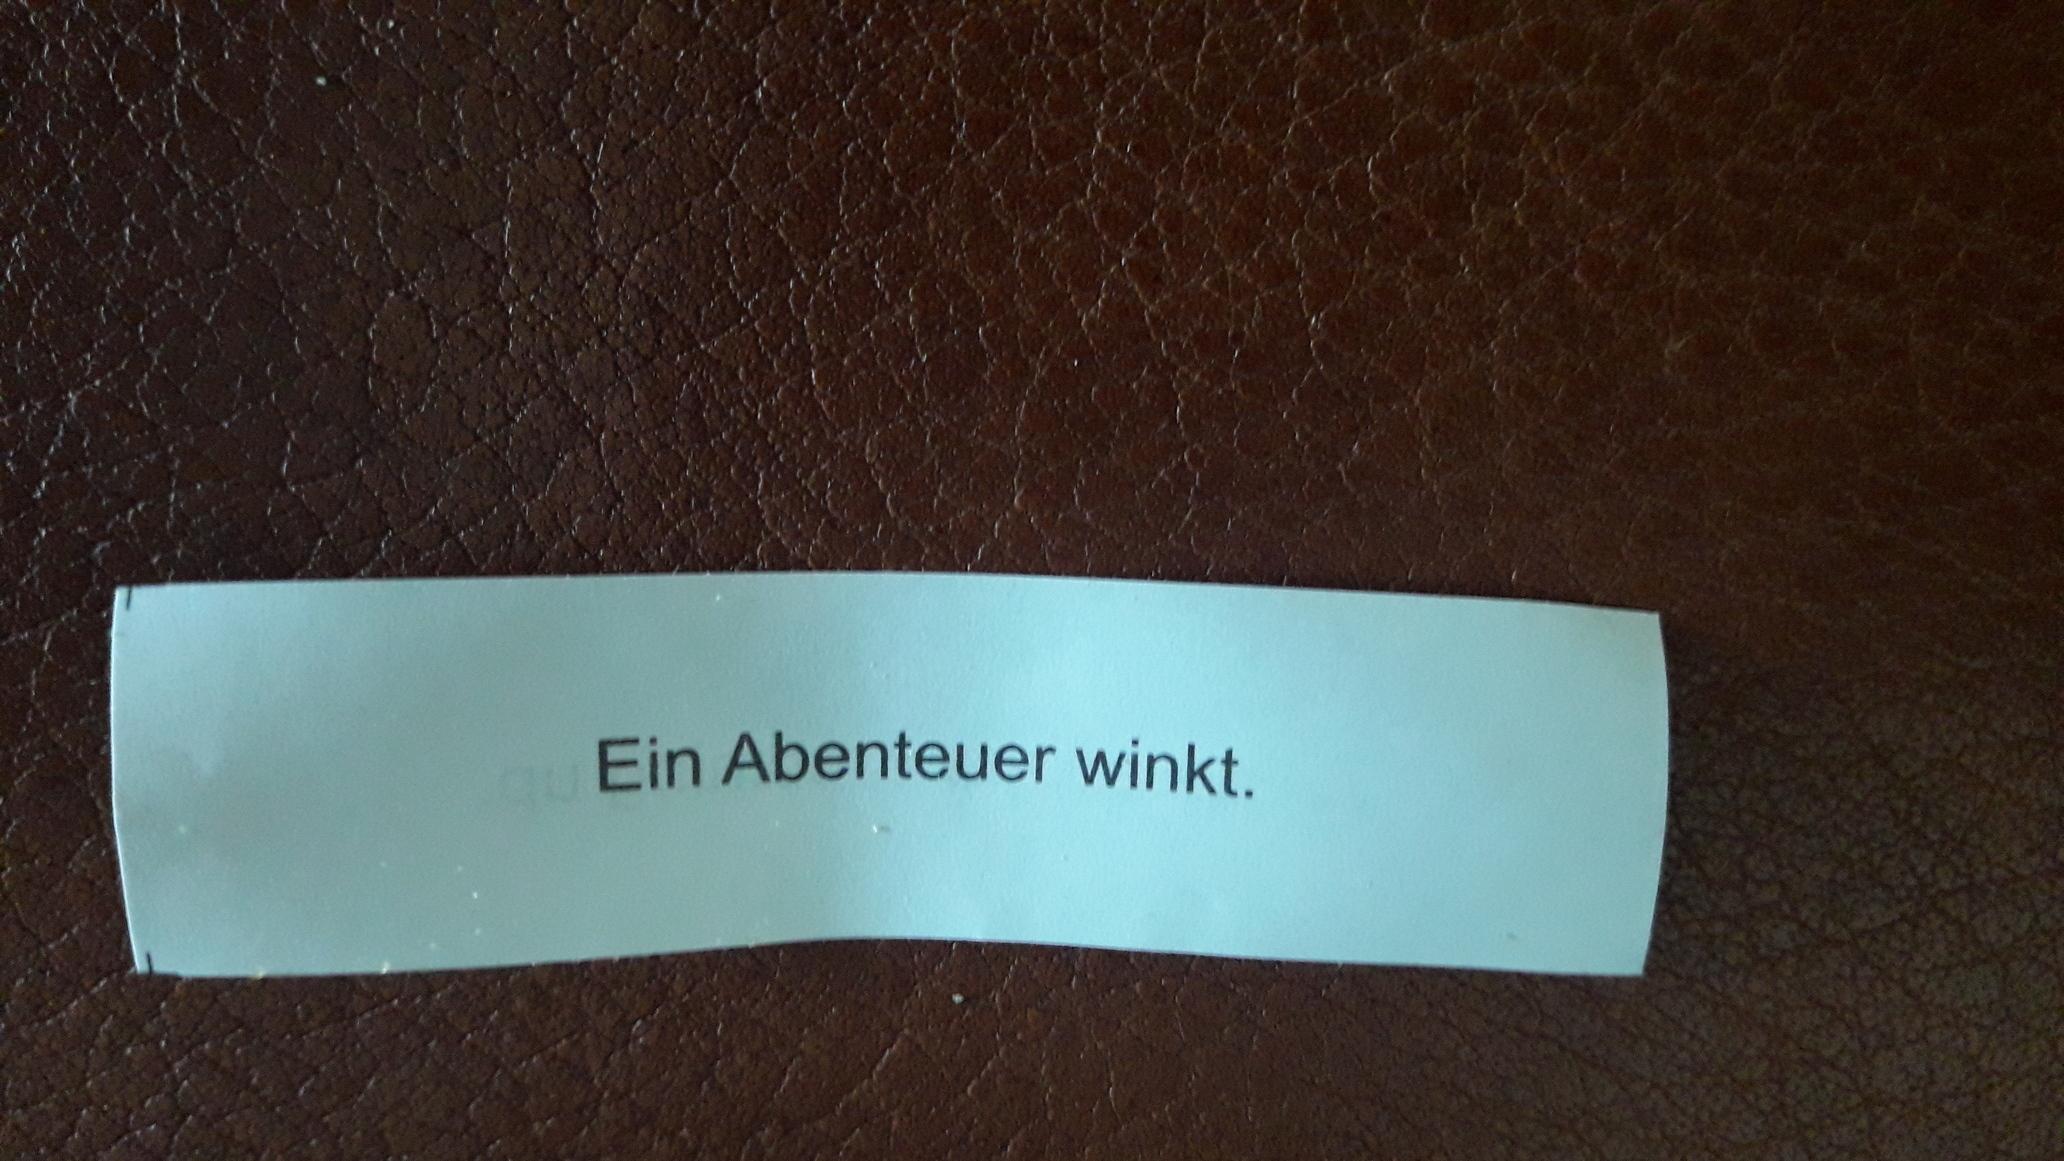 Glückskecksspruch: Ein Abenteuer winkt.